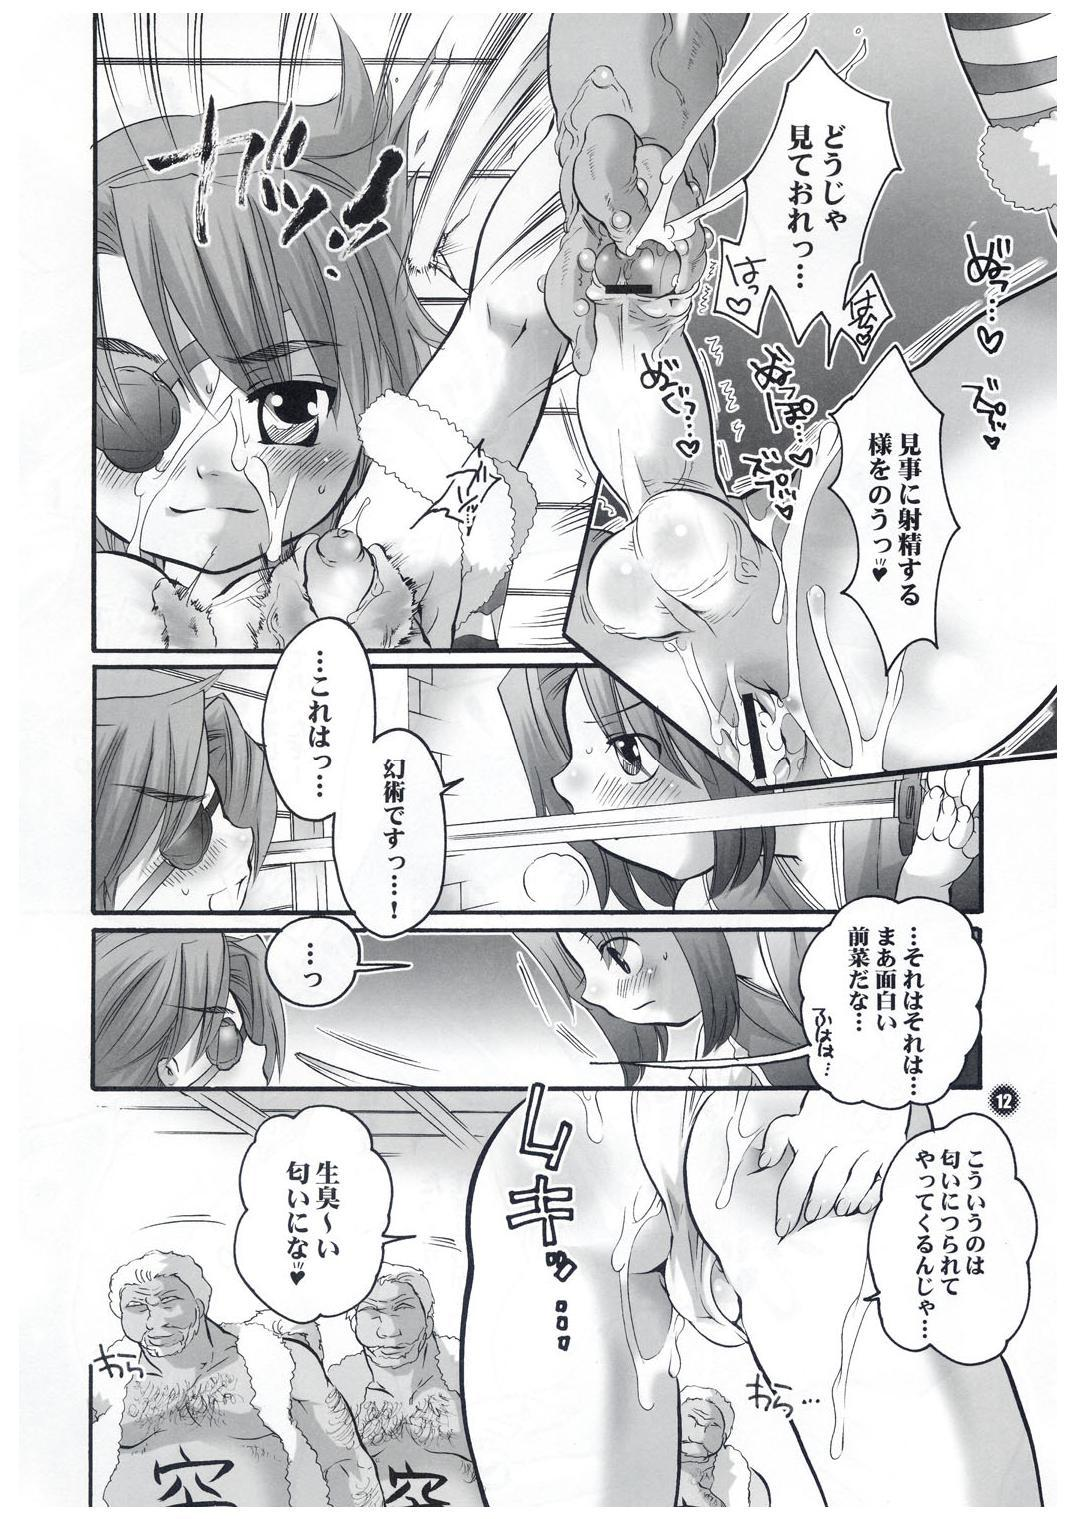 Shotamon Vol. 2 11